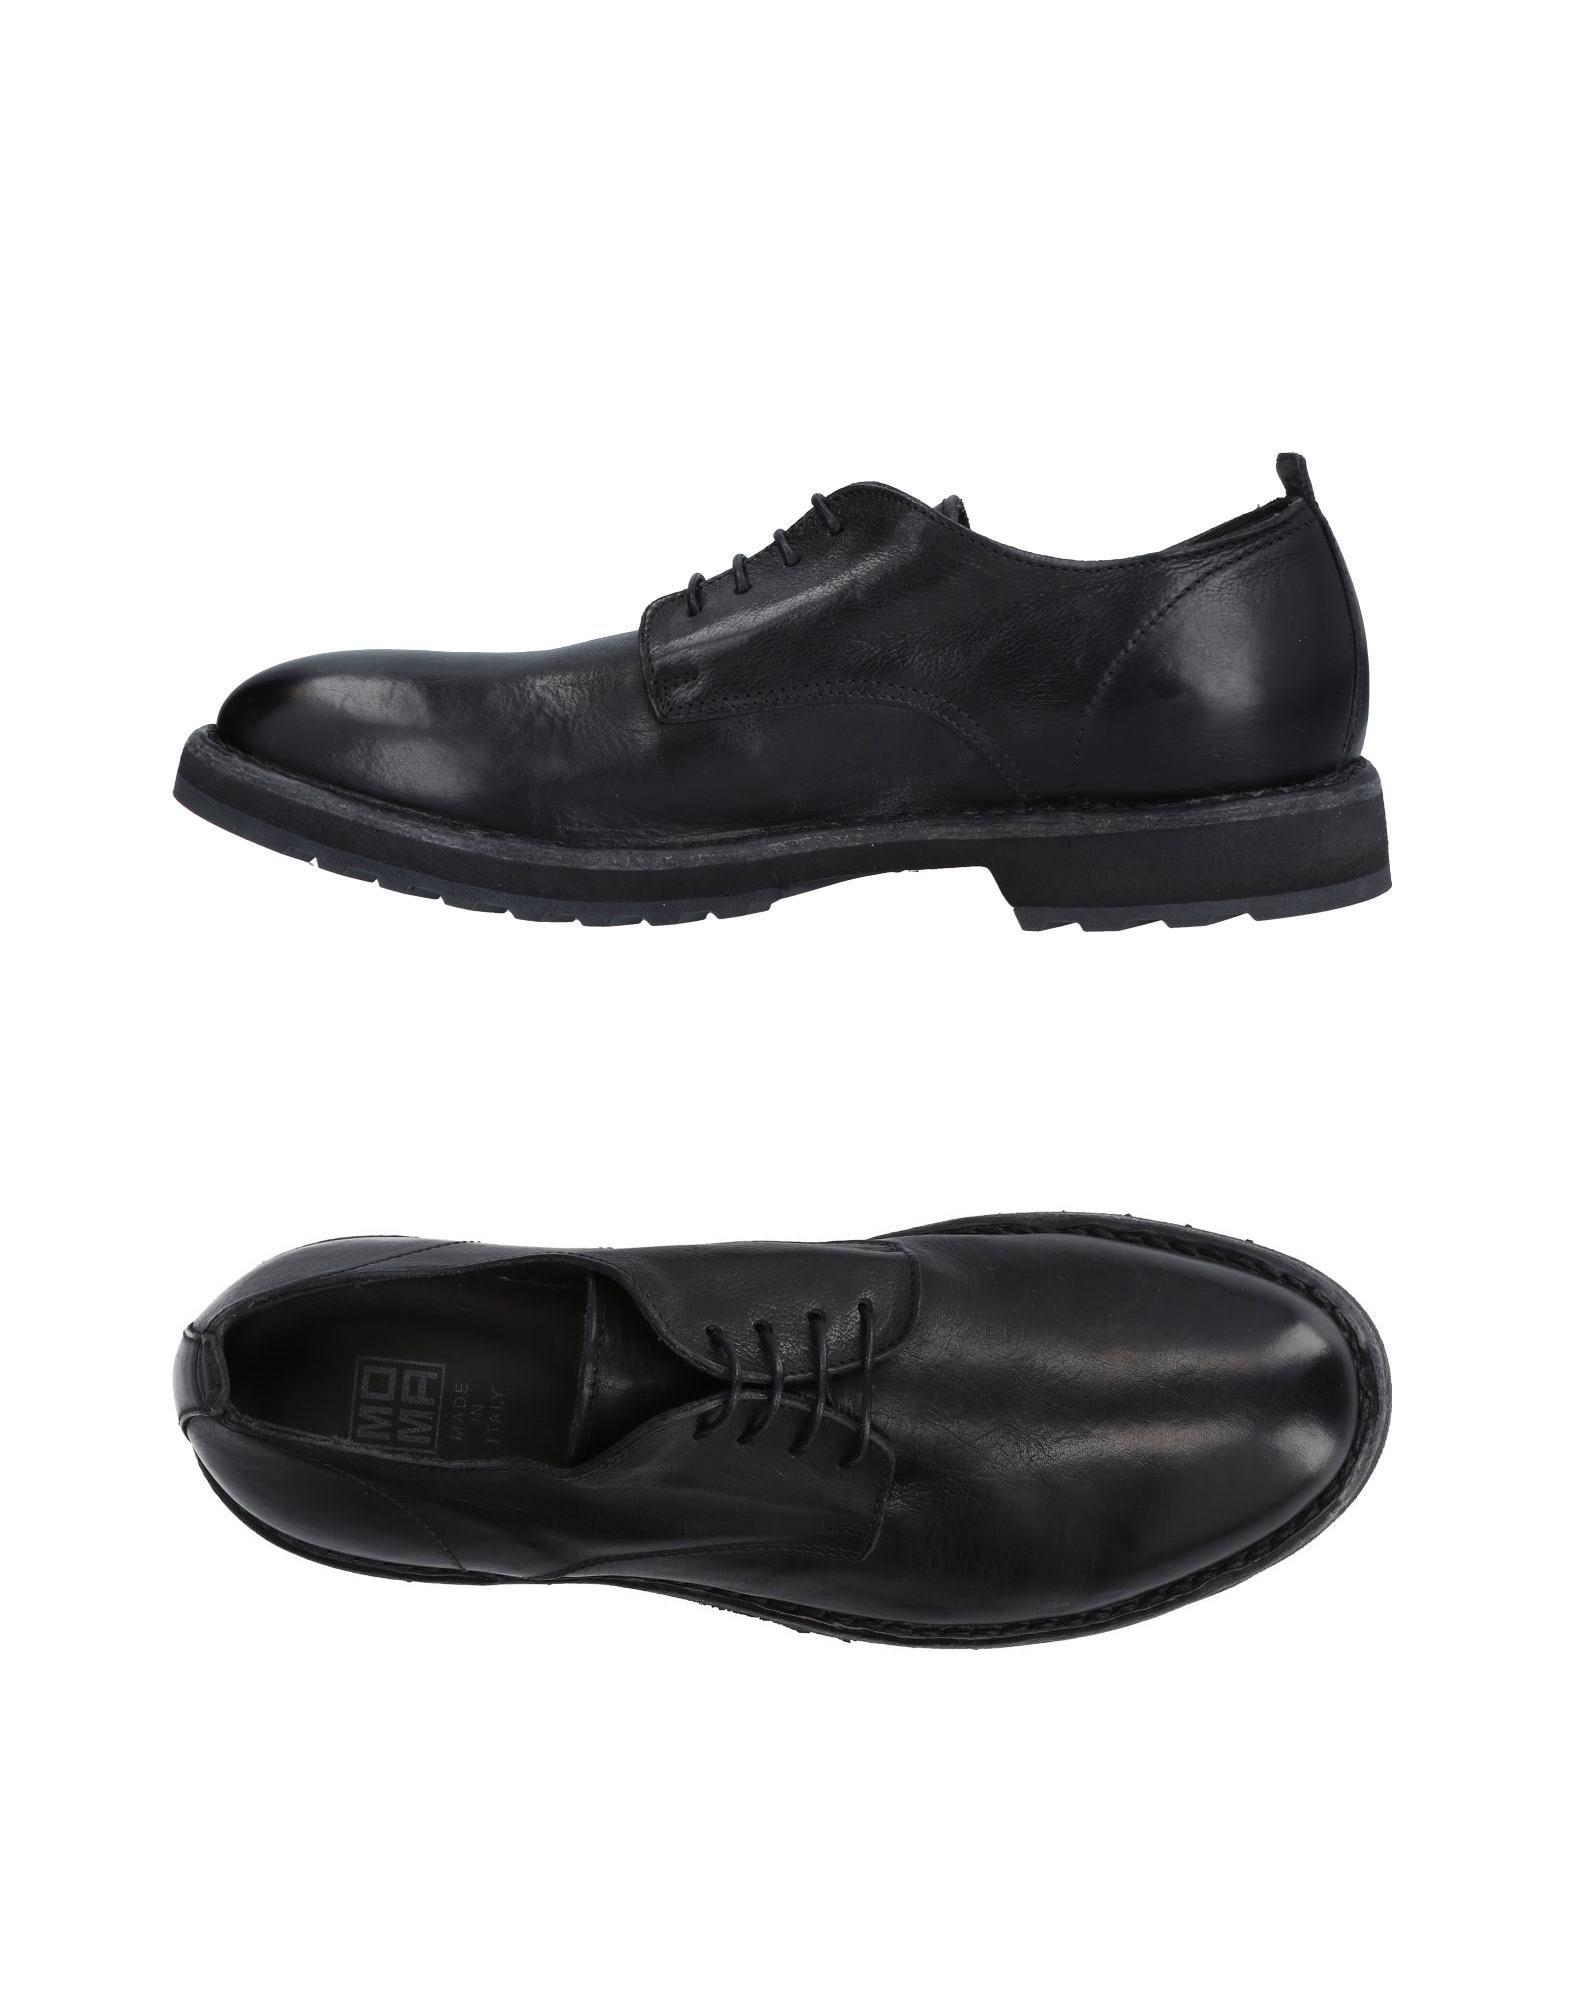 Moma Schnürschuhe Herren  11471612SH Gute Qualität beliebte Schuhe